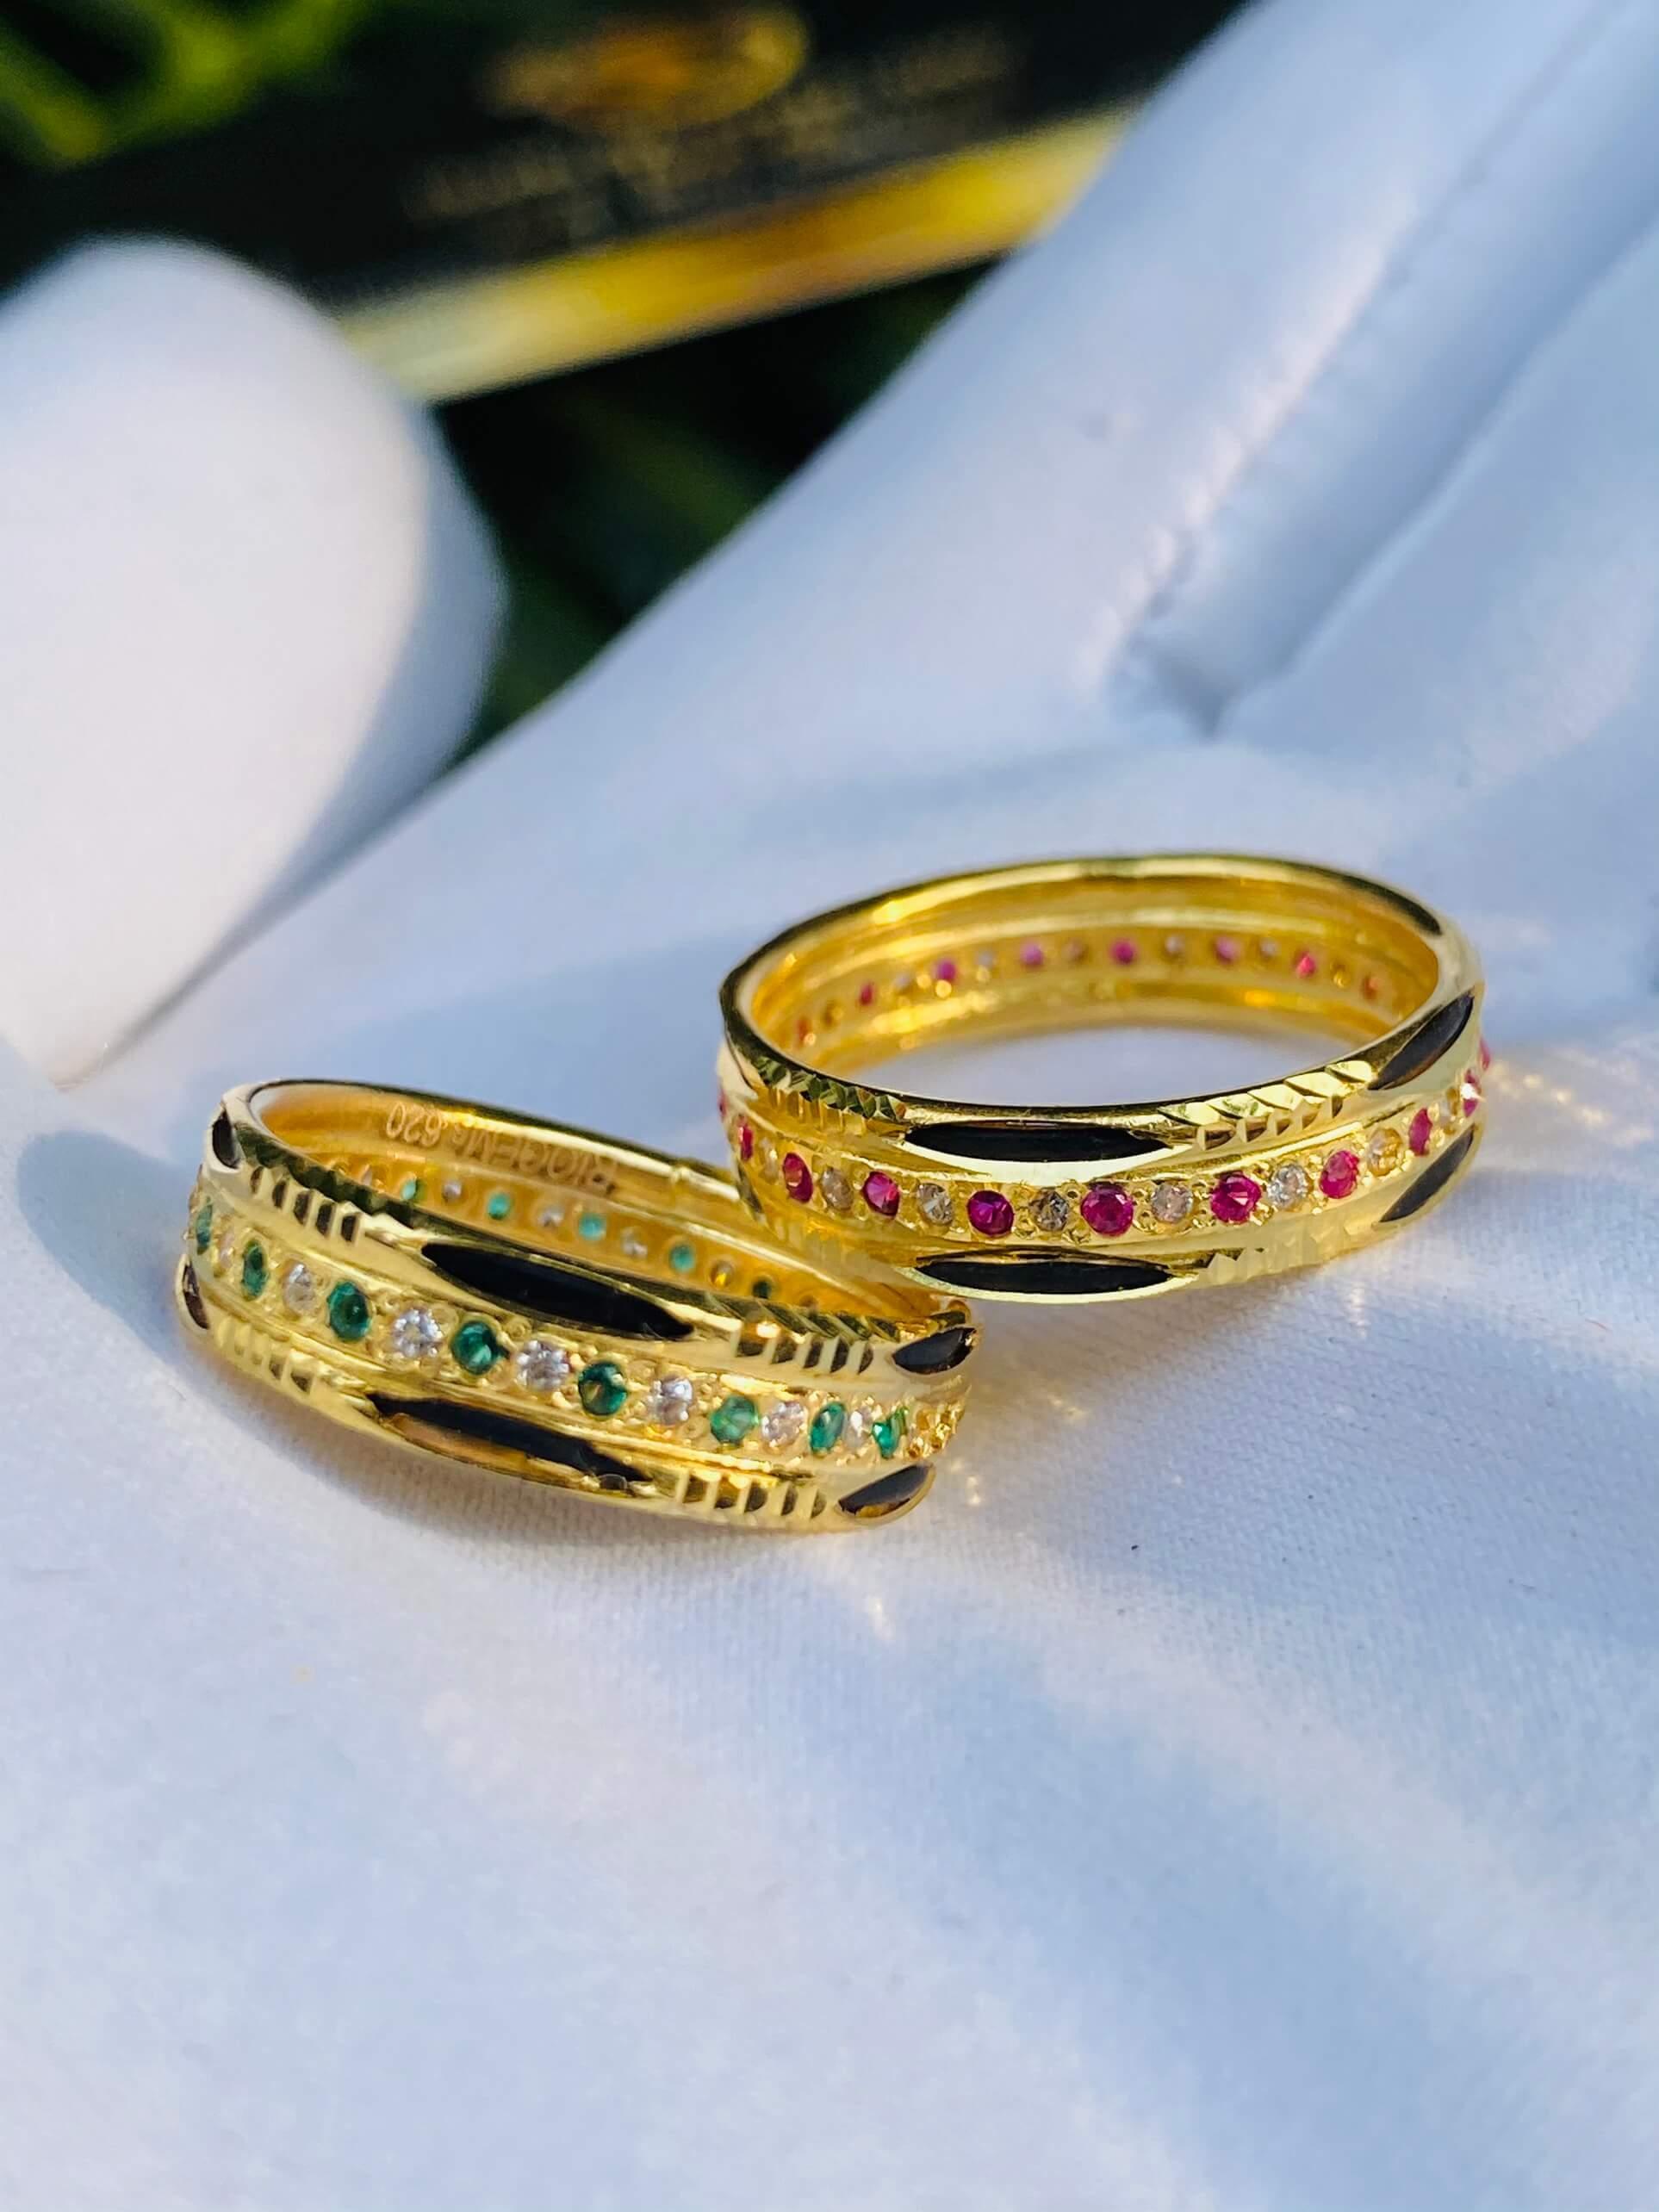 Nhẫn vàng luồng 2 Lông Voi 1 hàng đá tấm trắng quý giá